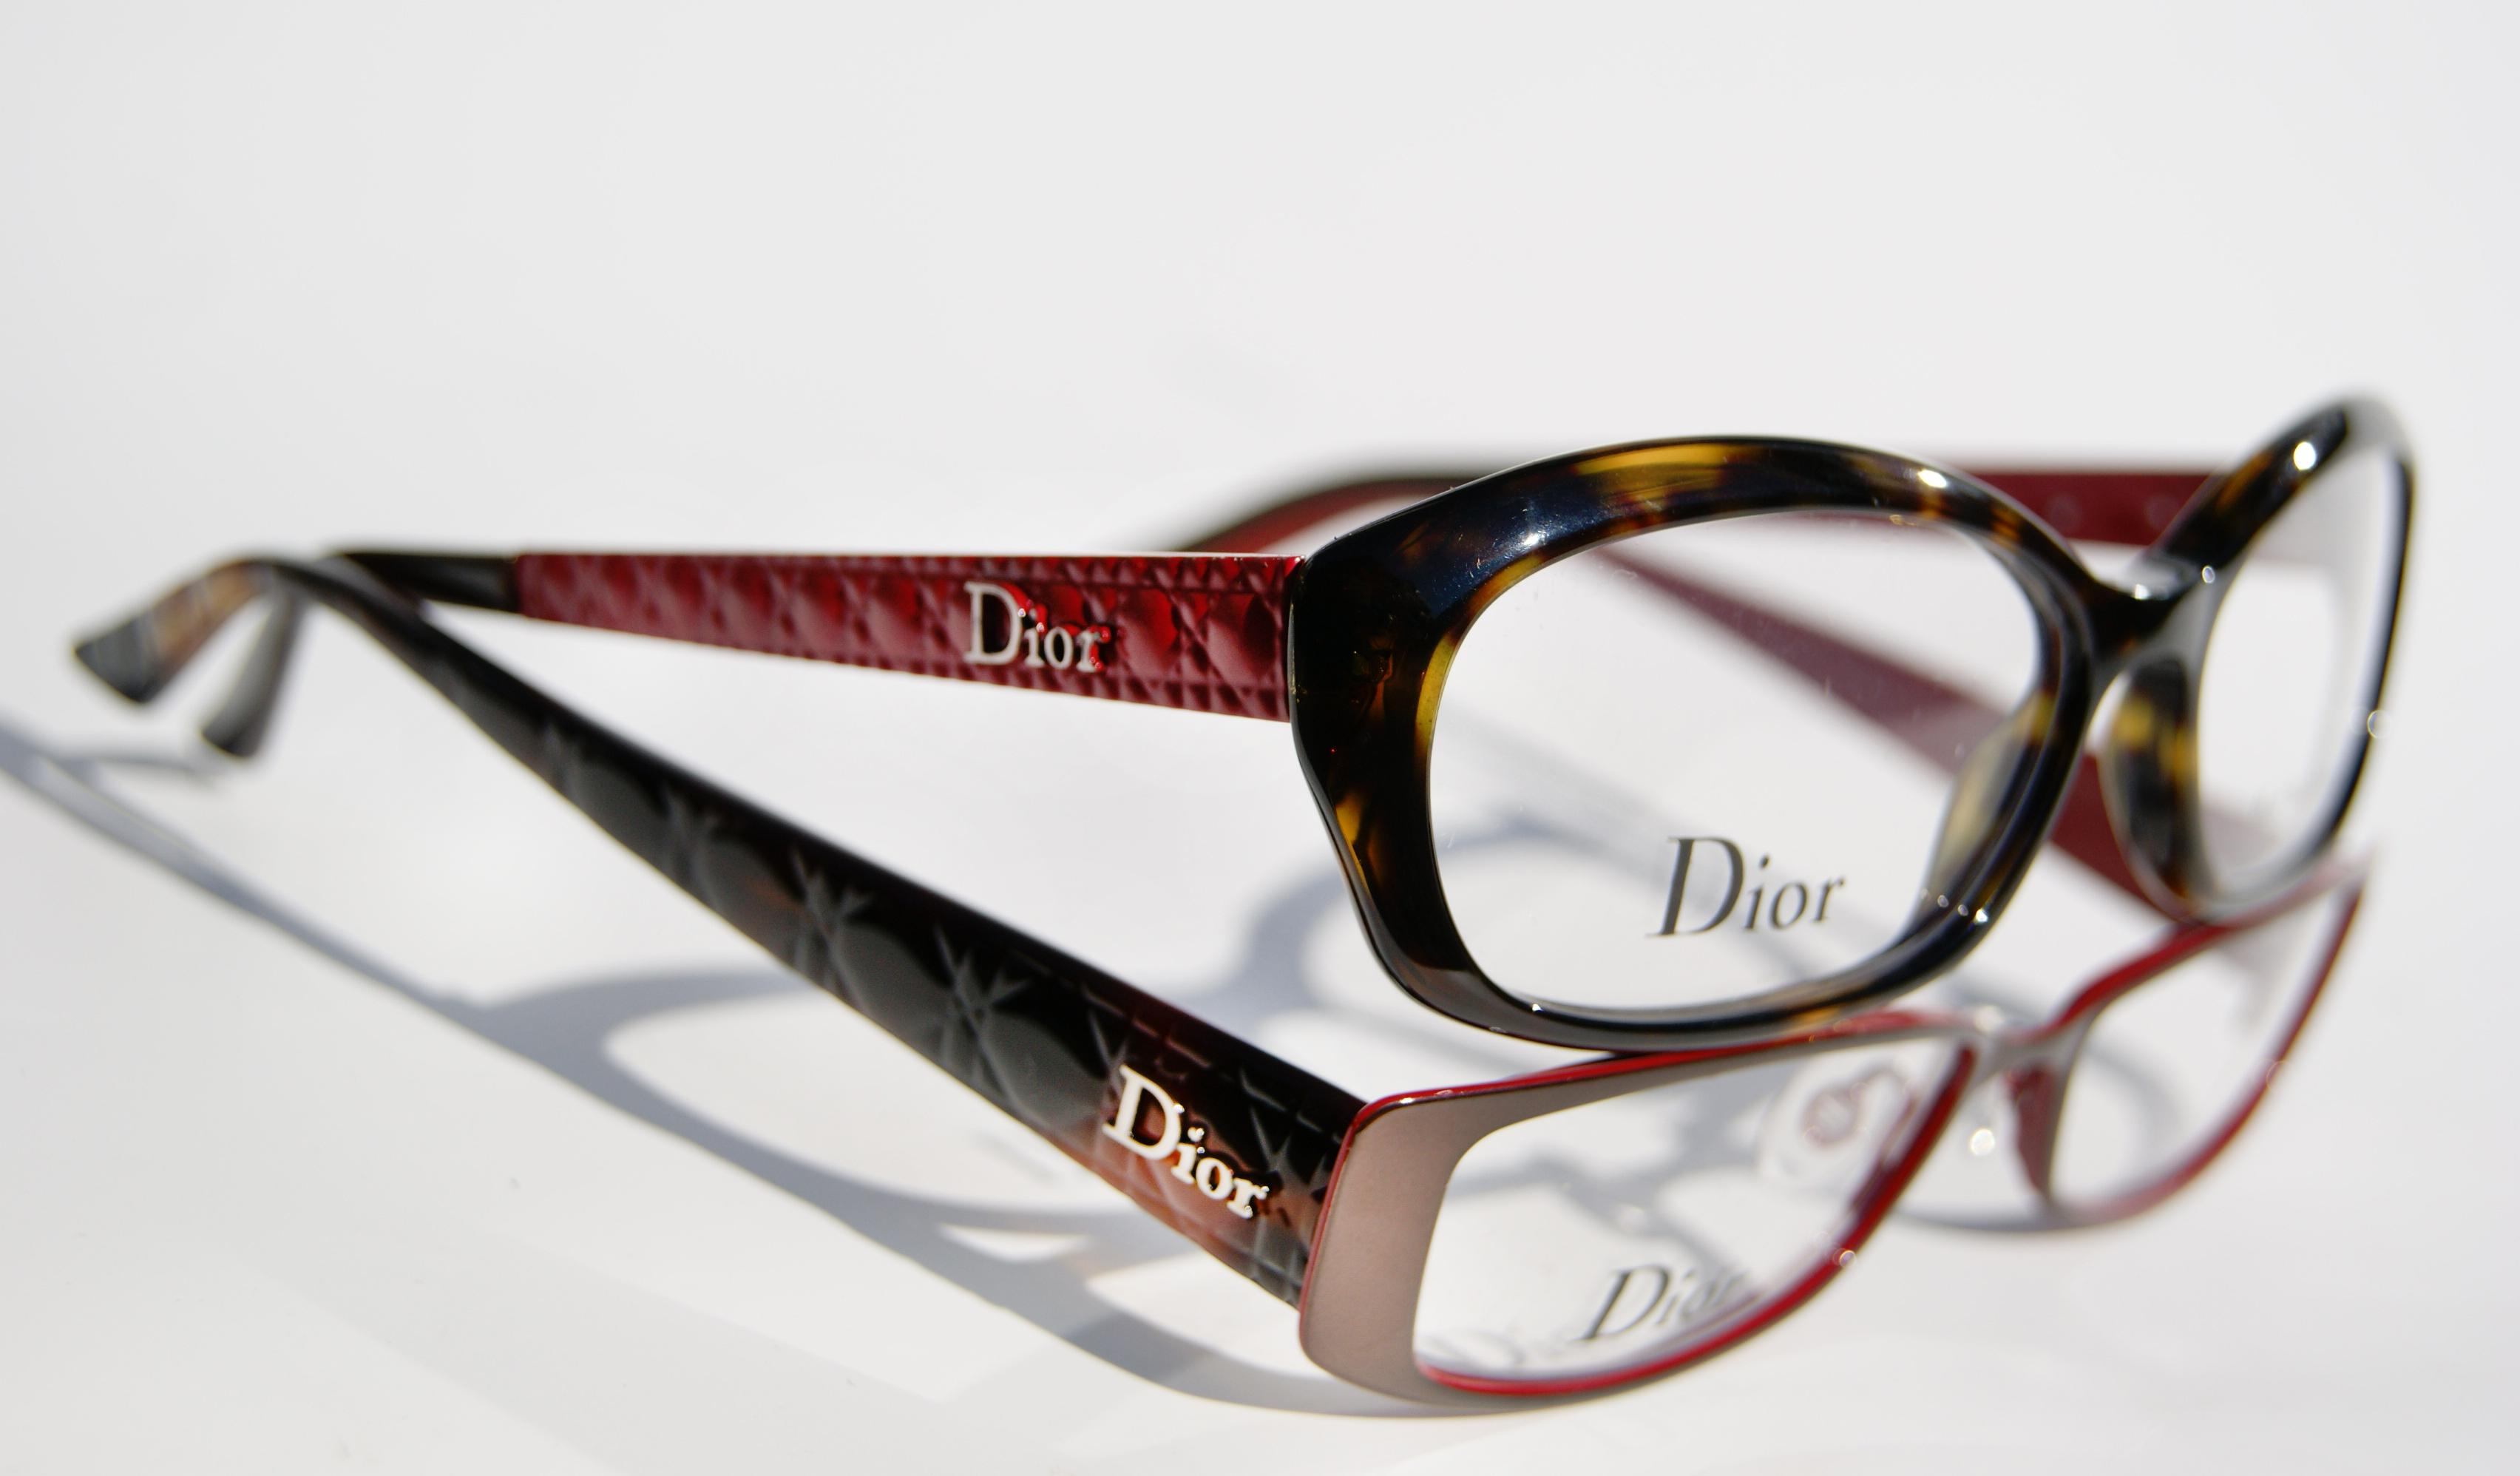 Glasses Frames Dior : Dior Haddonfield Eyewear